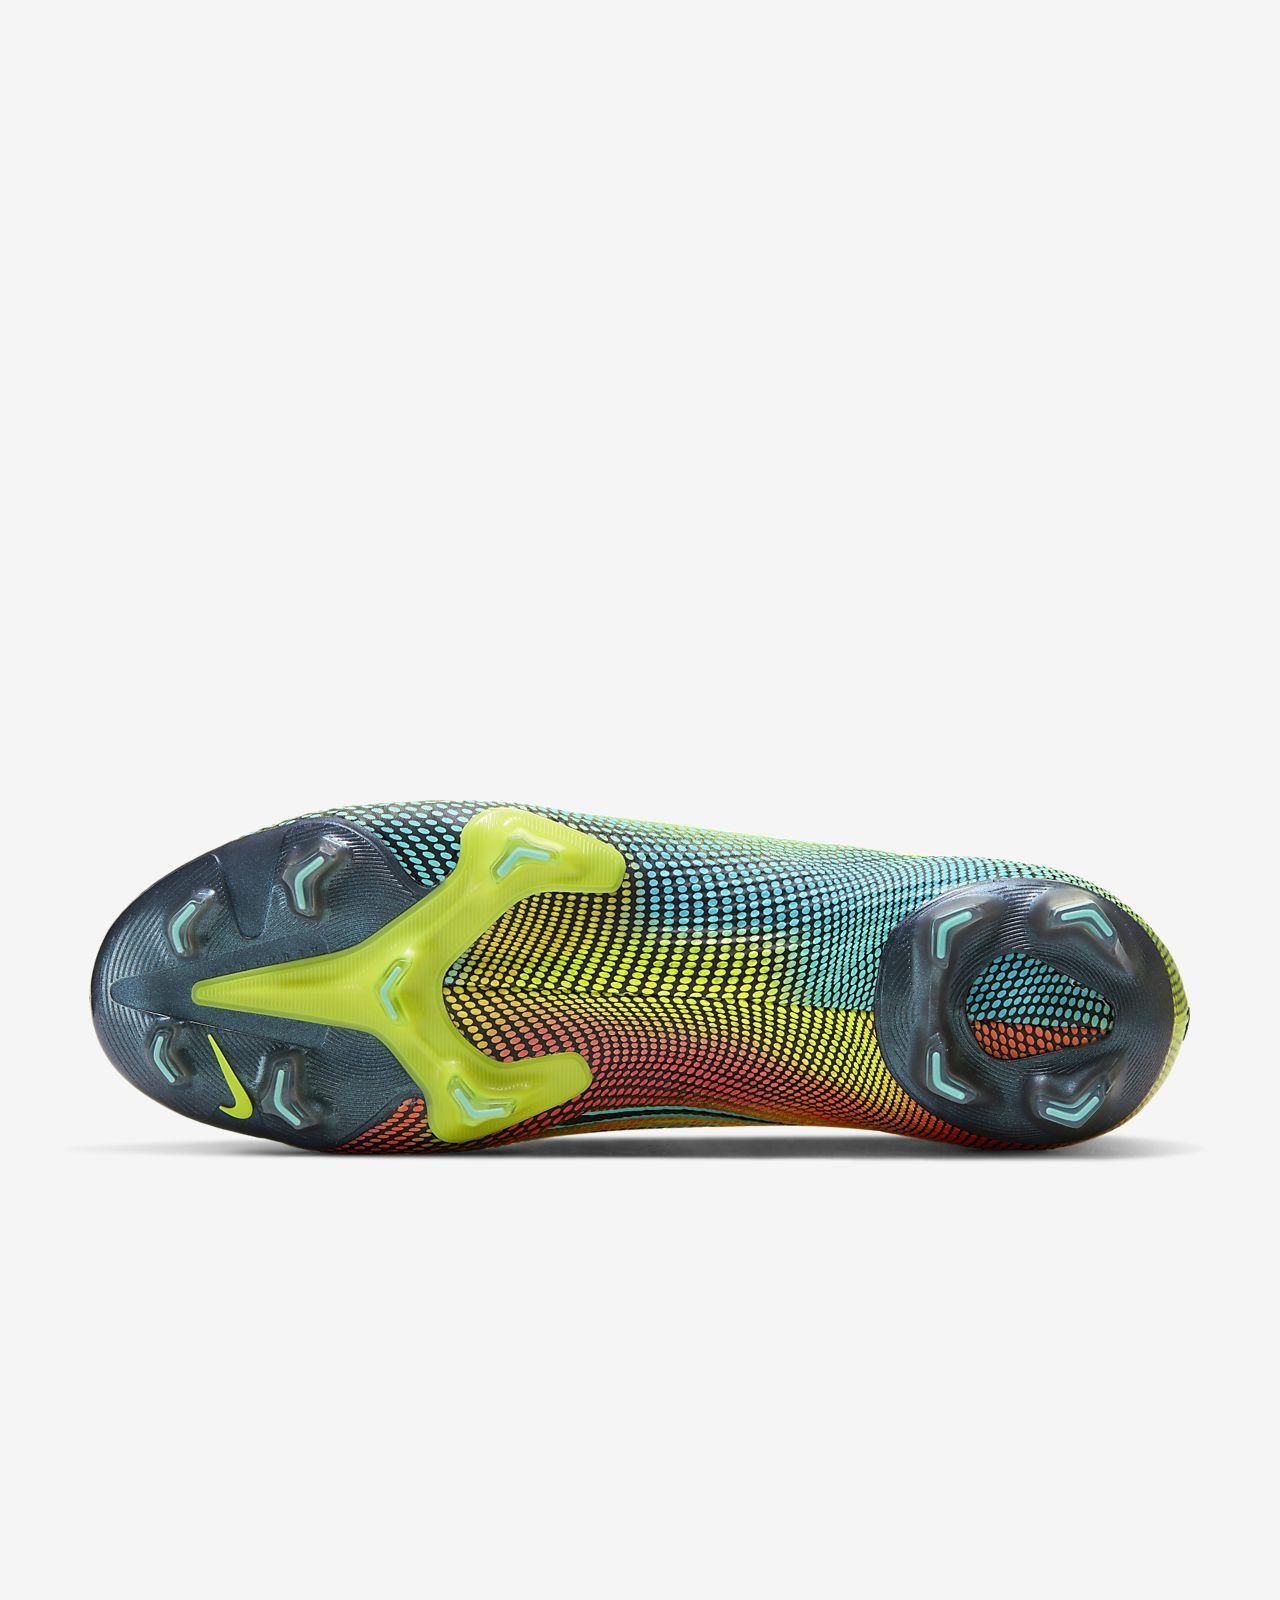 Kids Nike Mercurial Superfly 7 Elite FG Dream Speed